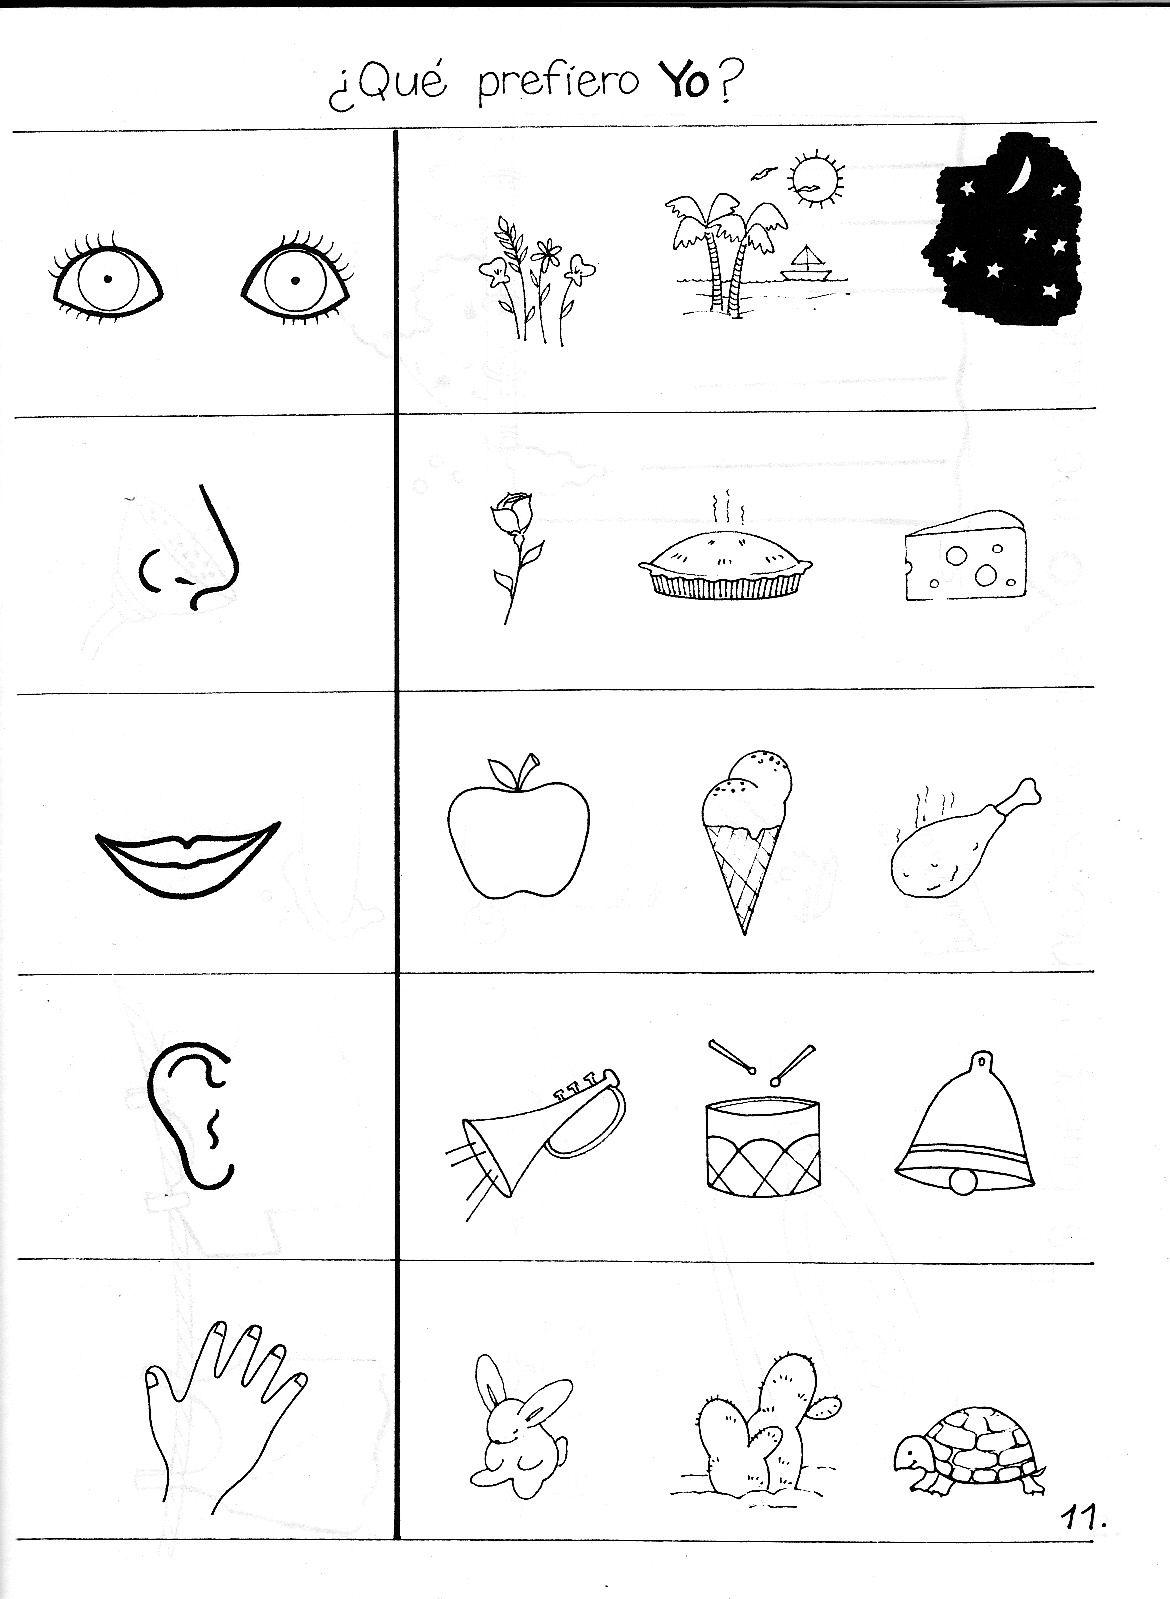 Recursos Para Educación Infantil Actividad Para Trabajar La Iden Actividades De Aprendizaje Preescolares Los Cinco Sentidos En Preescolar Fichas De Preescolar